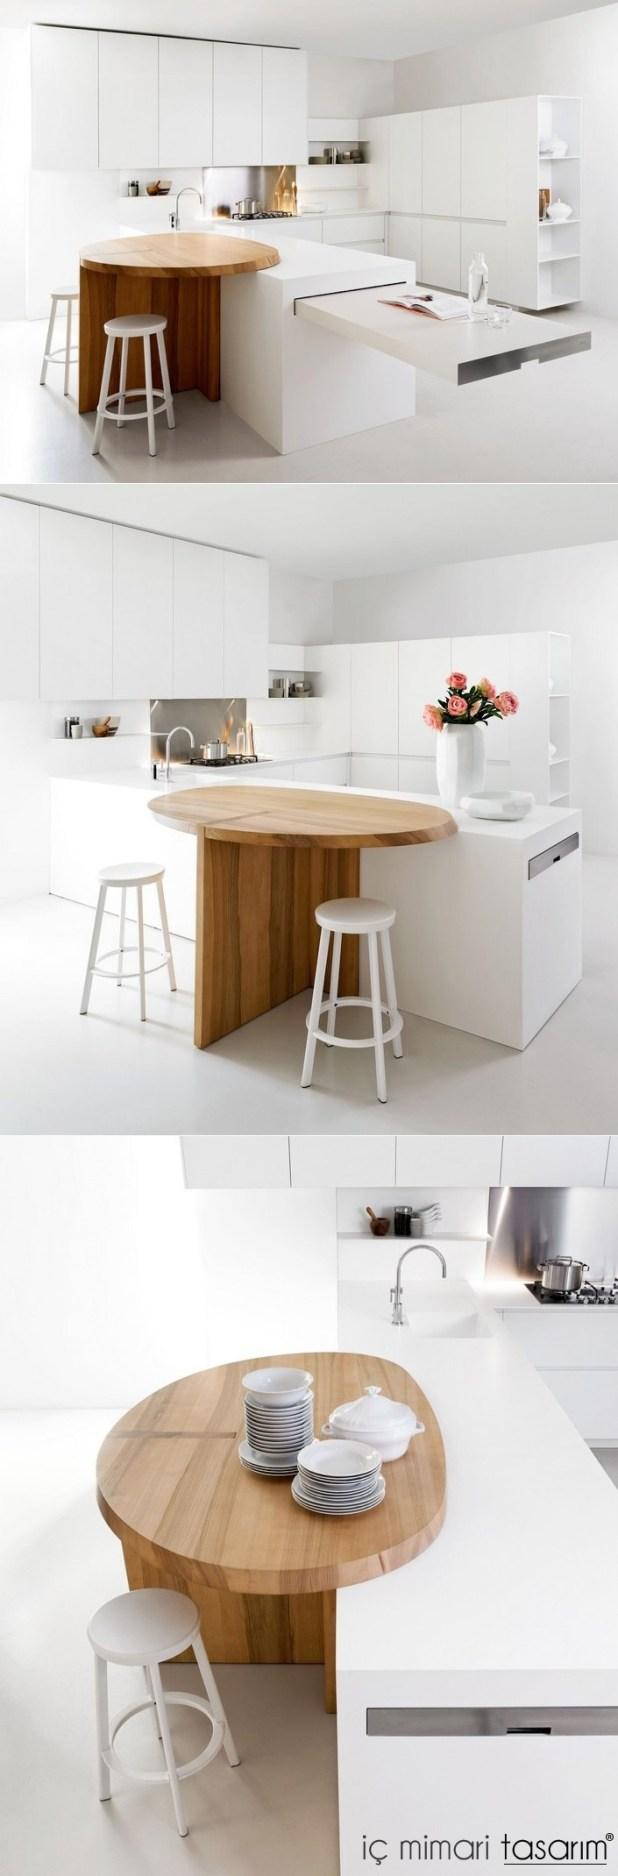 modern-mutfak-tezgahı-tasarımları (12)